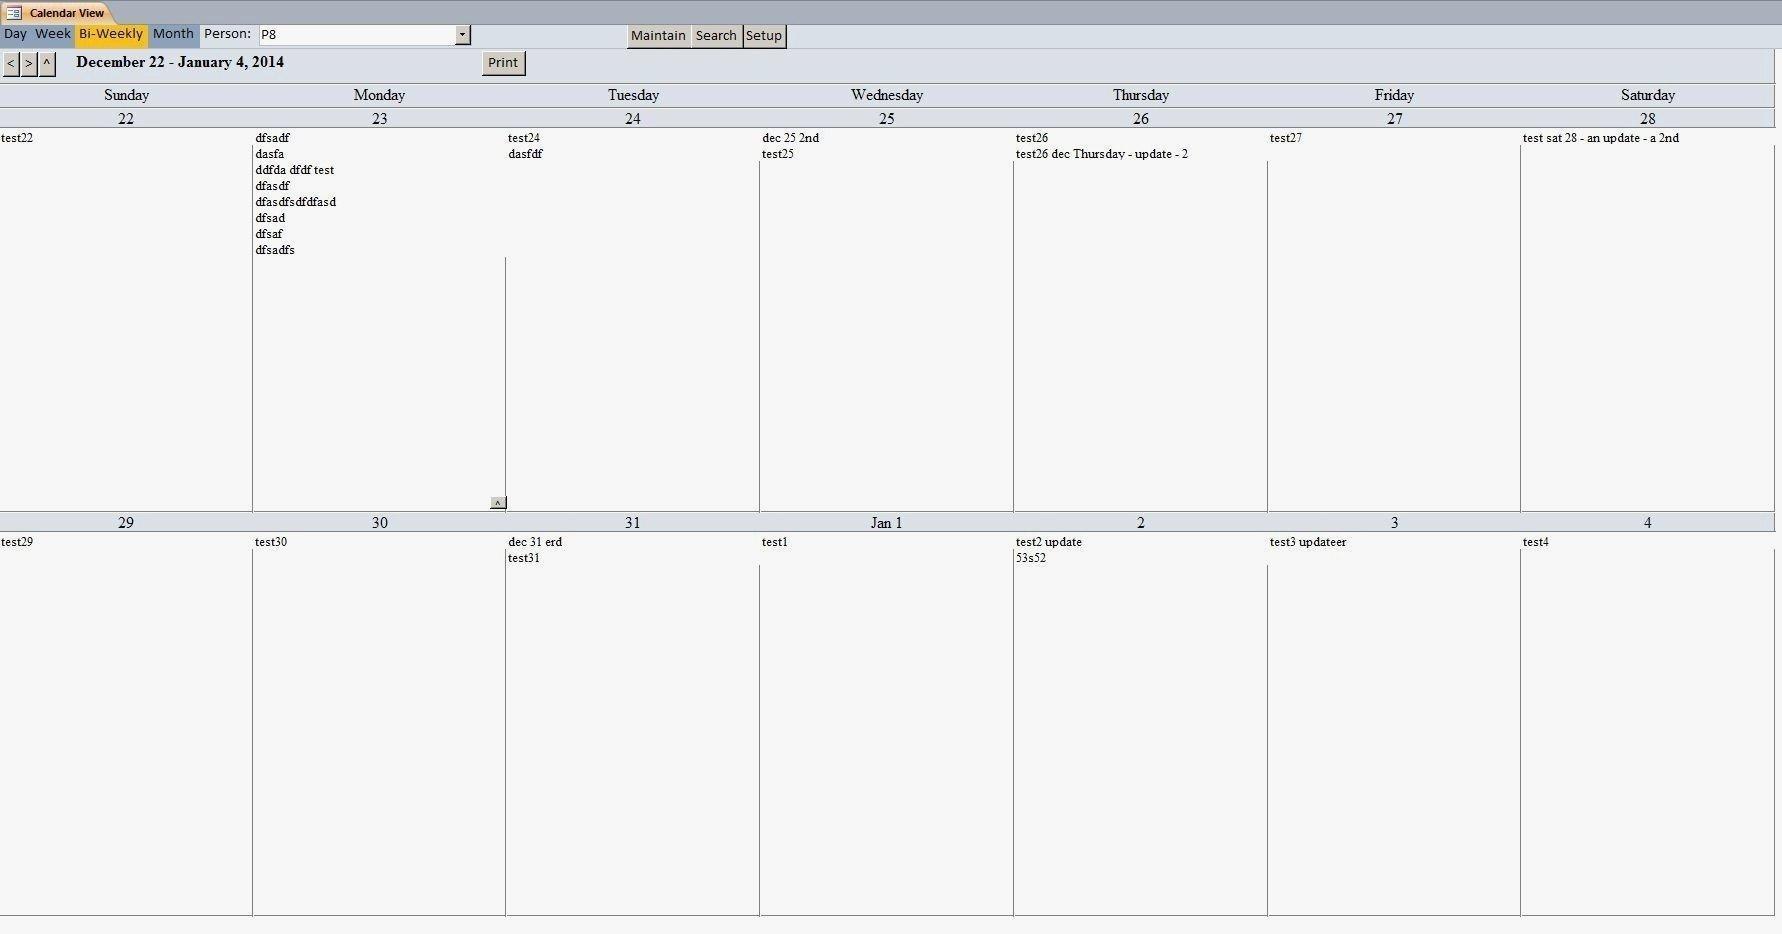 2 Week Calendar Template Printable | Free Calendar Blank 2 Week Schedule Template